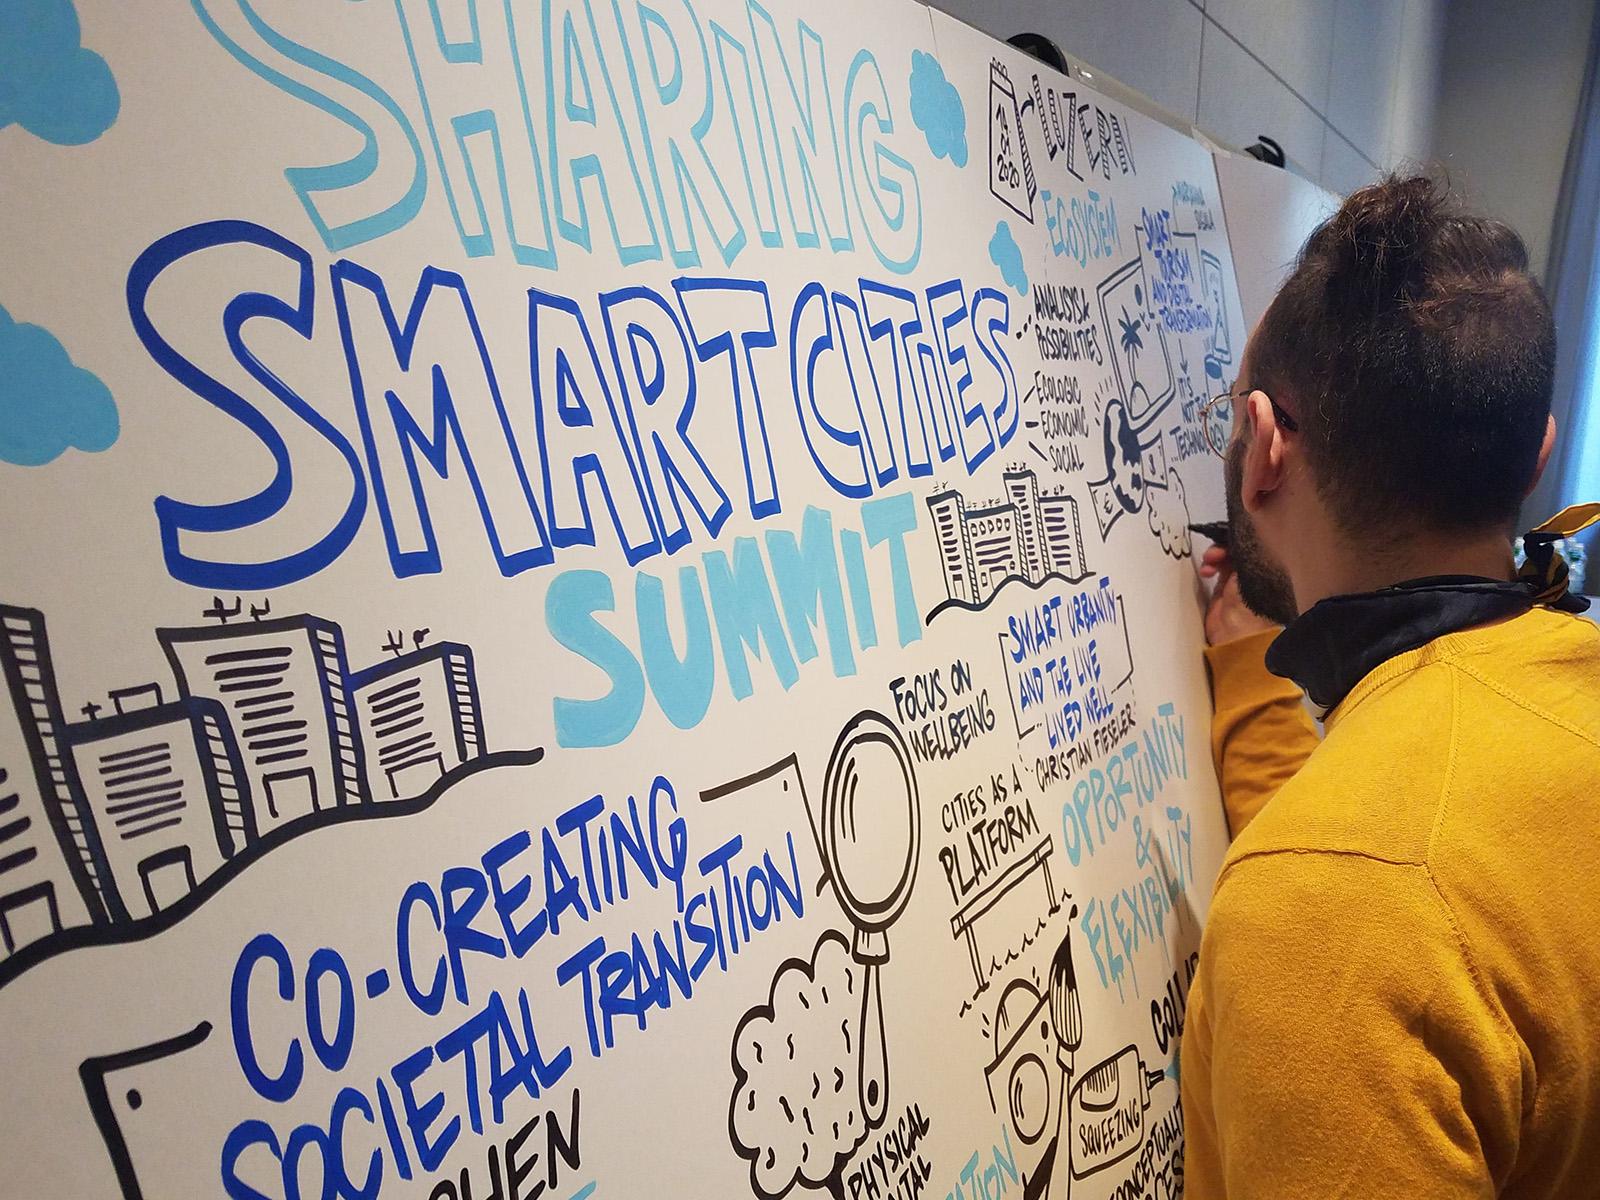 Meine Highlights vom Sharing Smart Cities Summit 2020